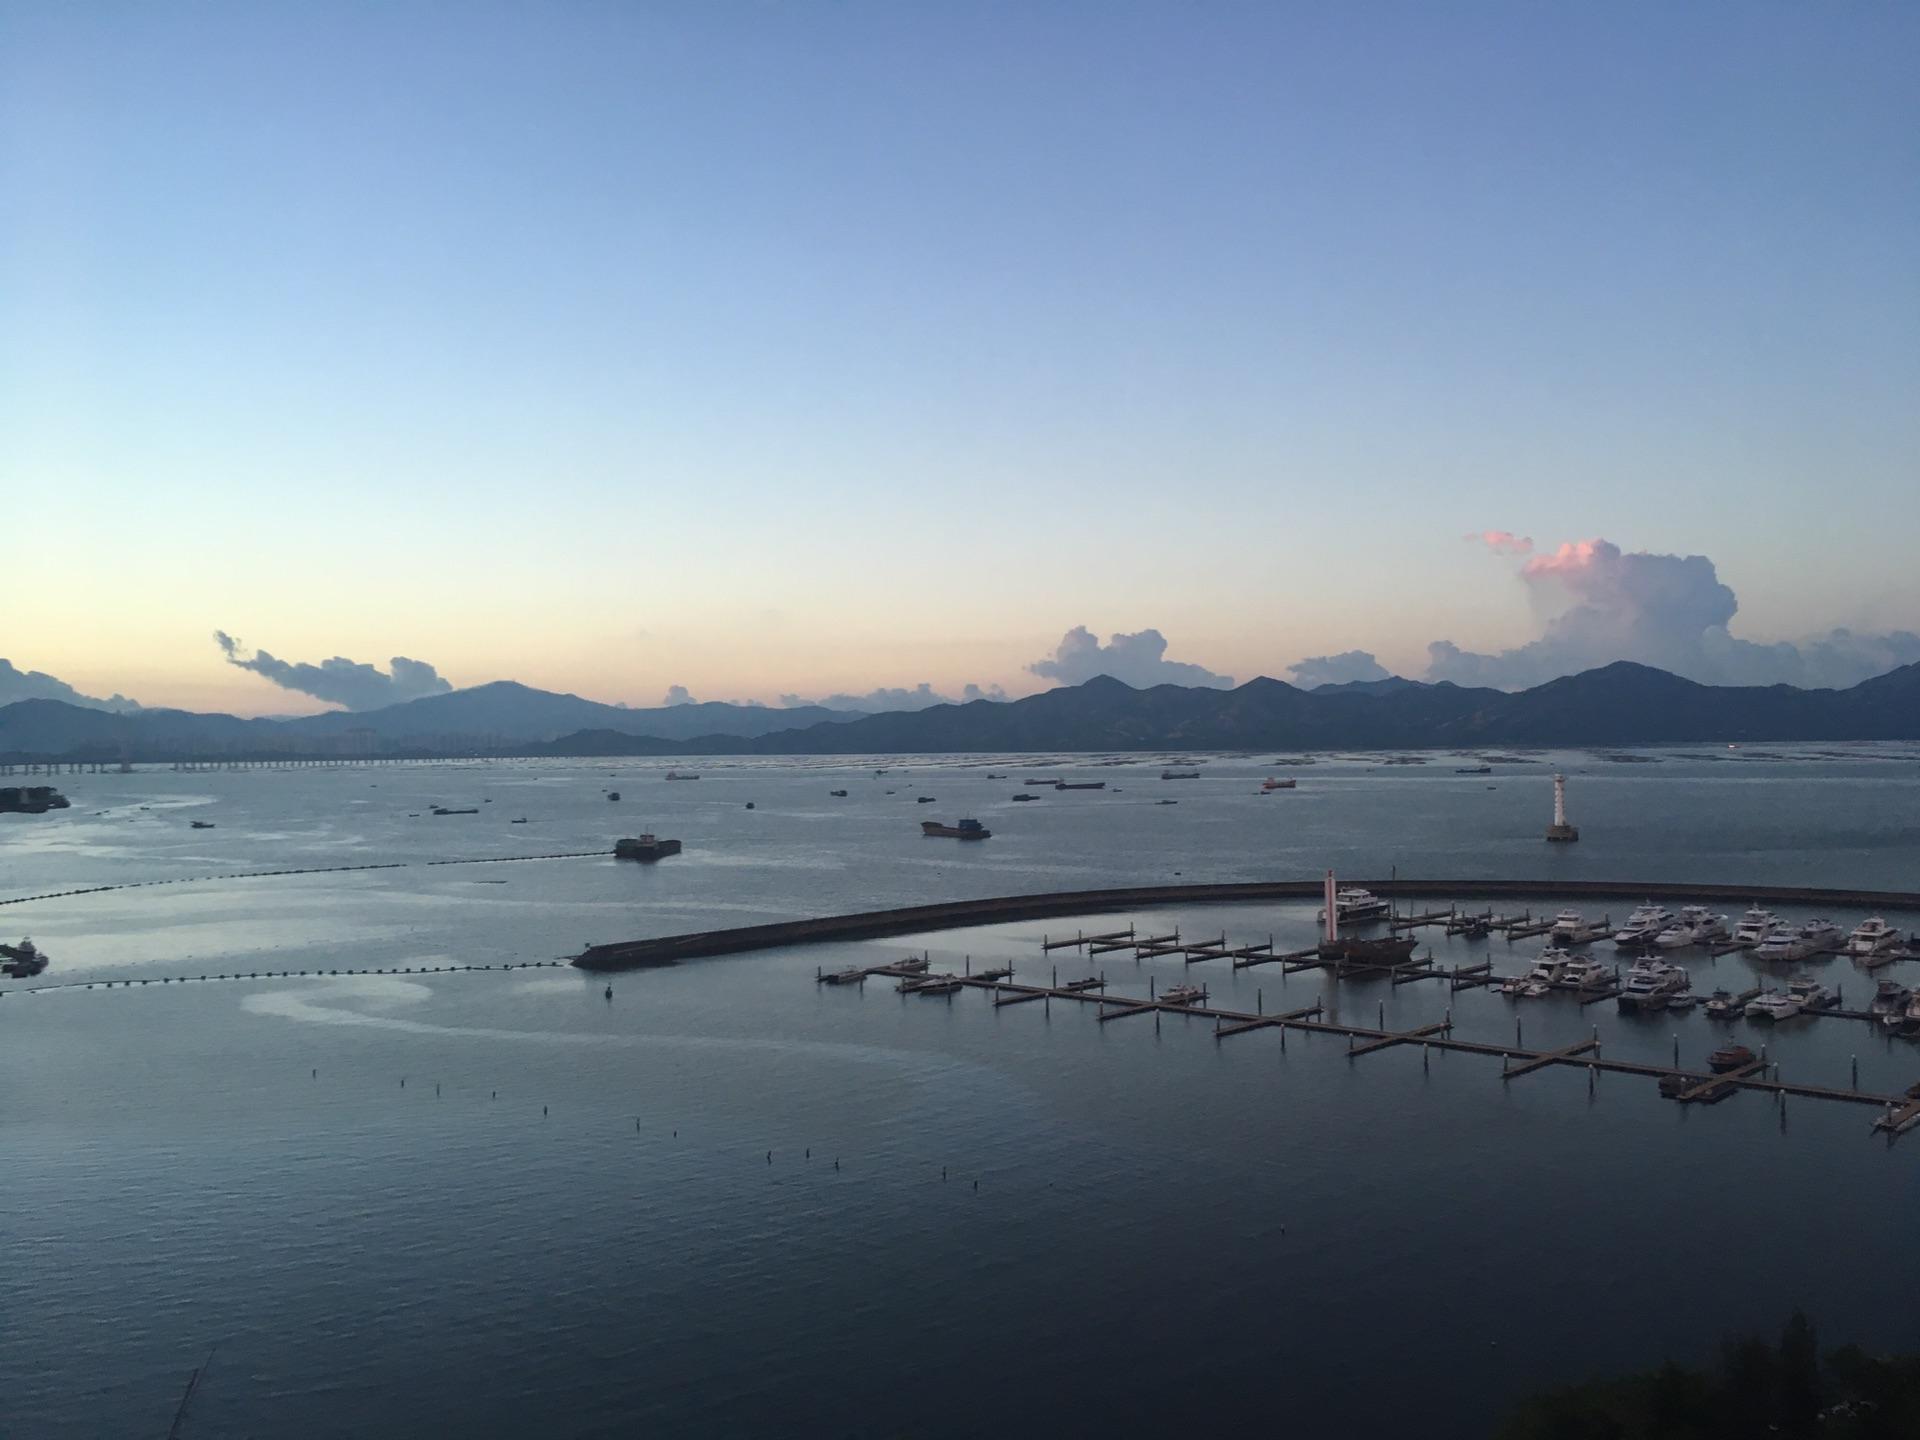 惠州双月湾,那里的还很美丽